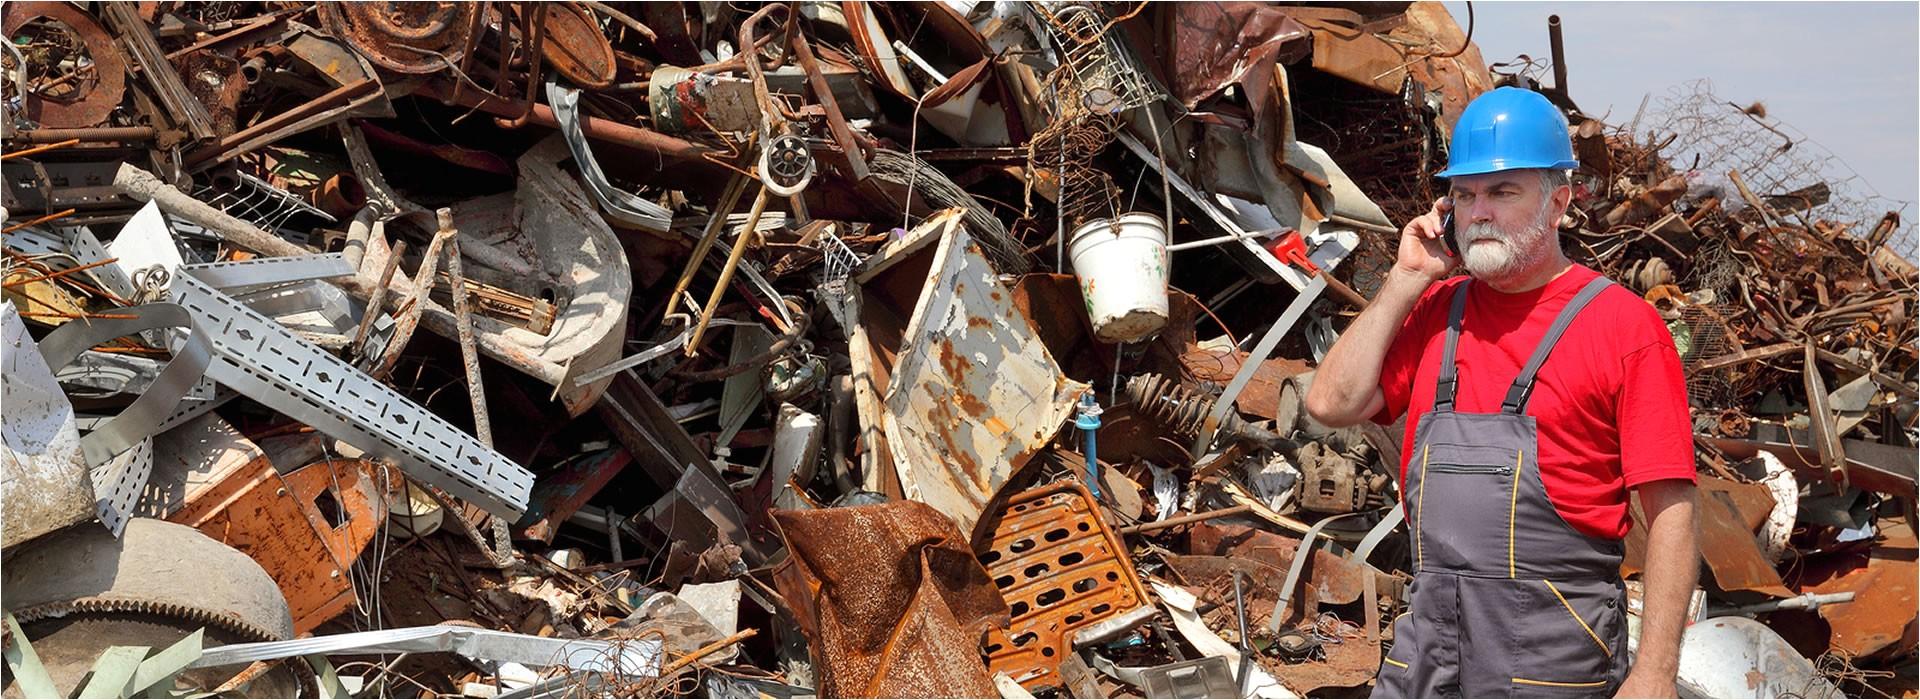 scrap metal recycling in atlanta ga p 60